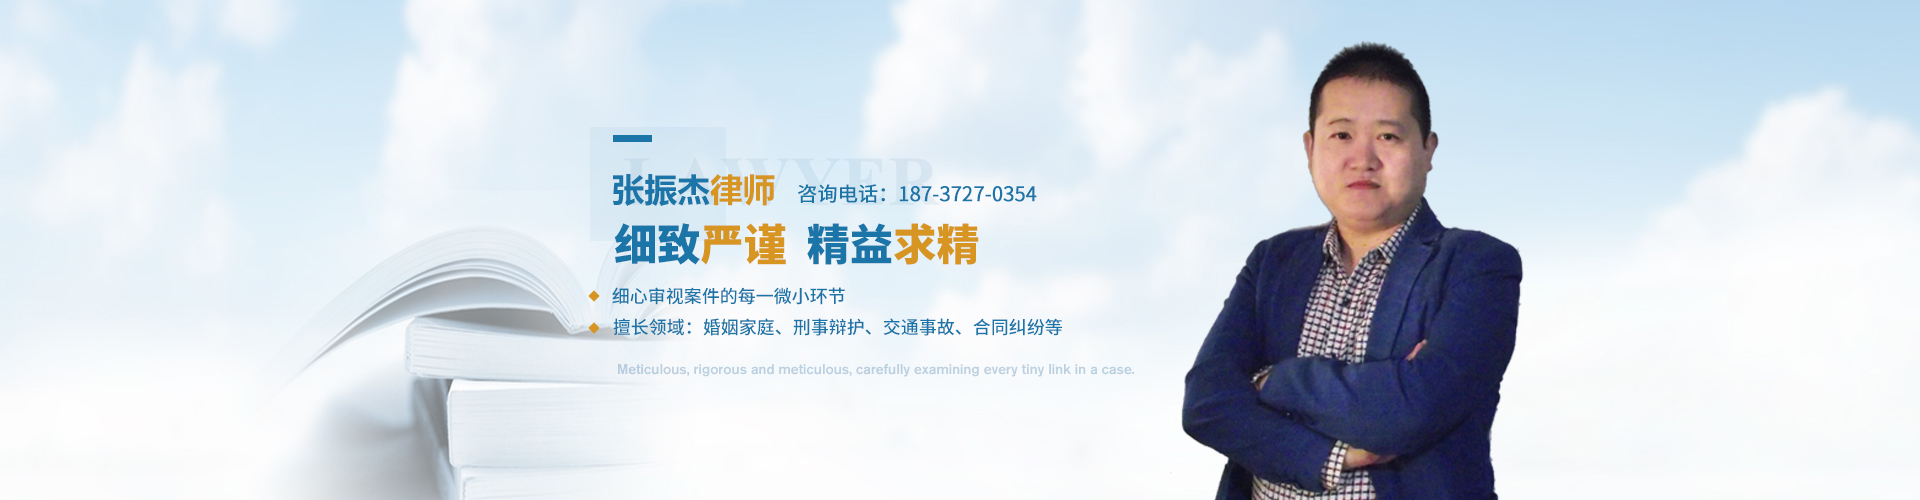 婚姻家庭律师张振杰